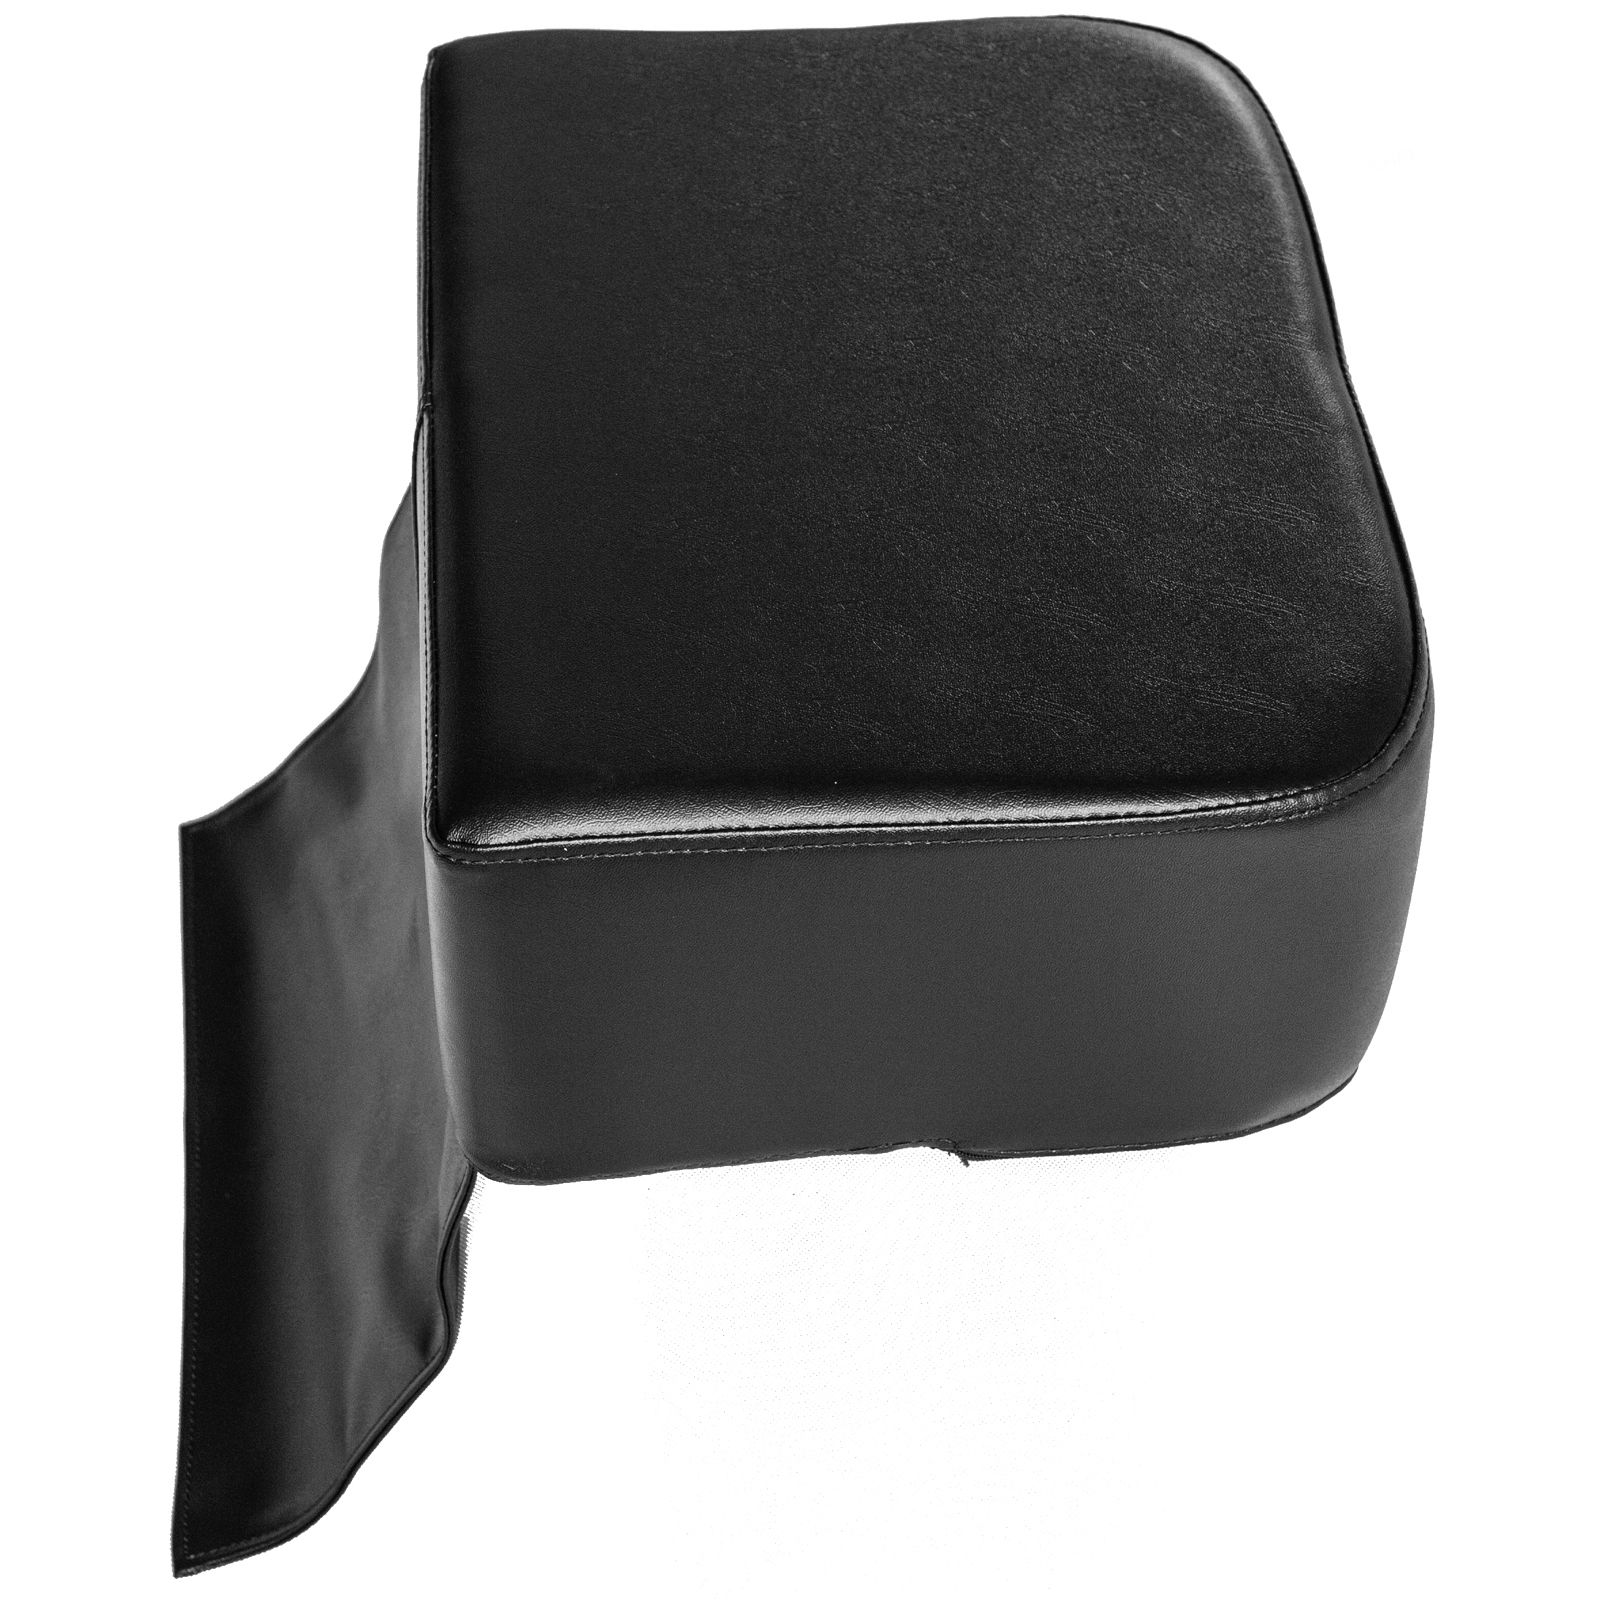 Beauty Salon Child Barber Chair Booster Seat Cushion Salon